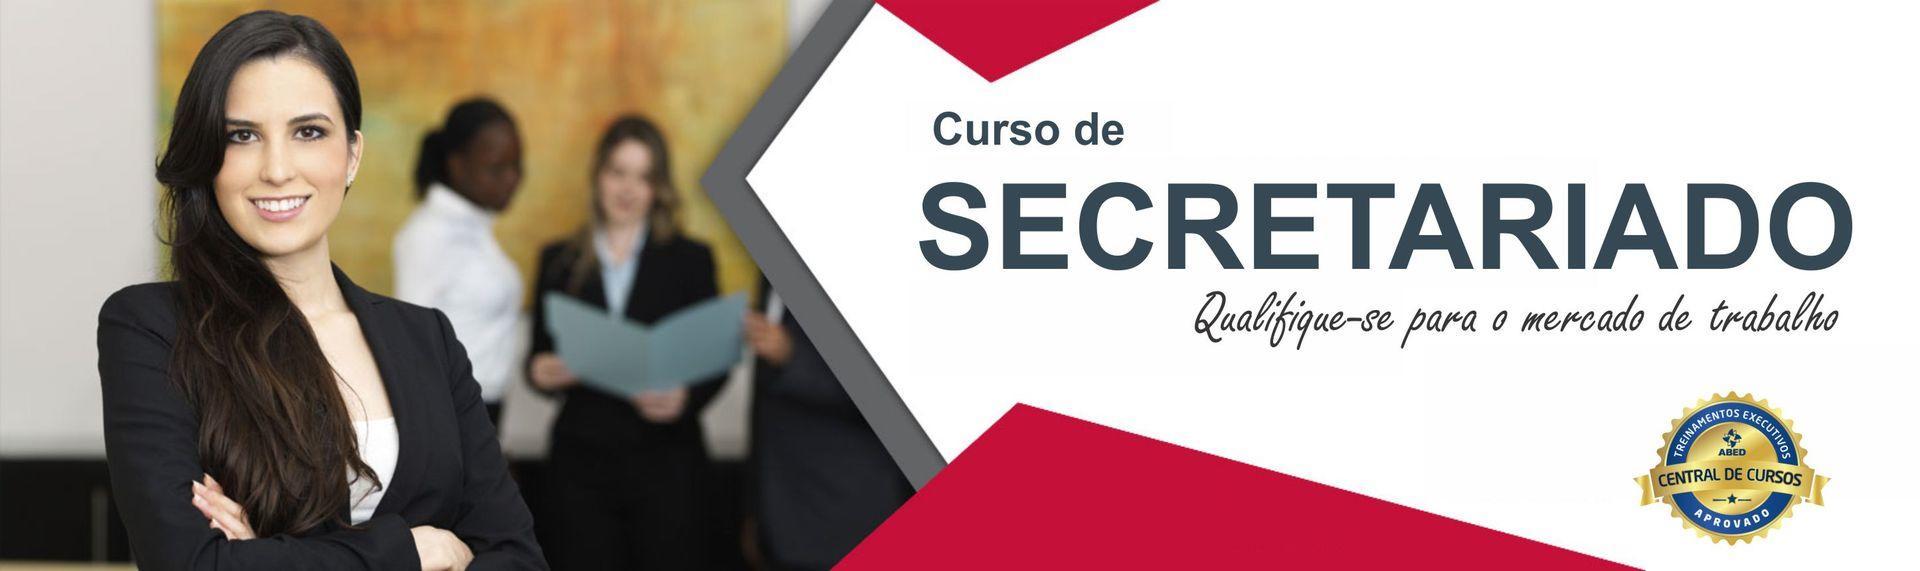 Curso de secretariado Uberlândia